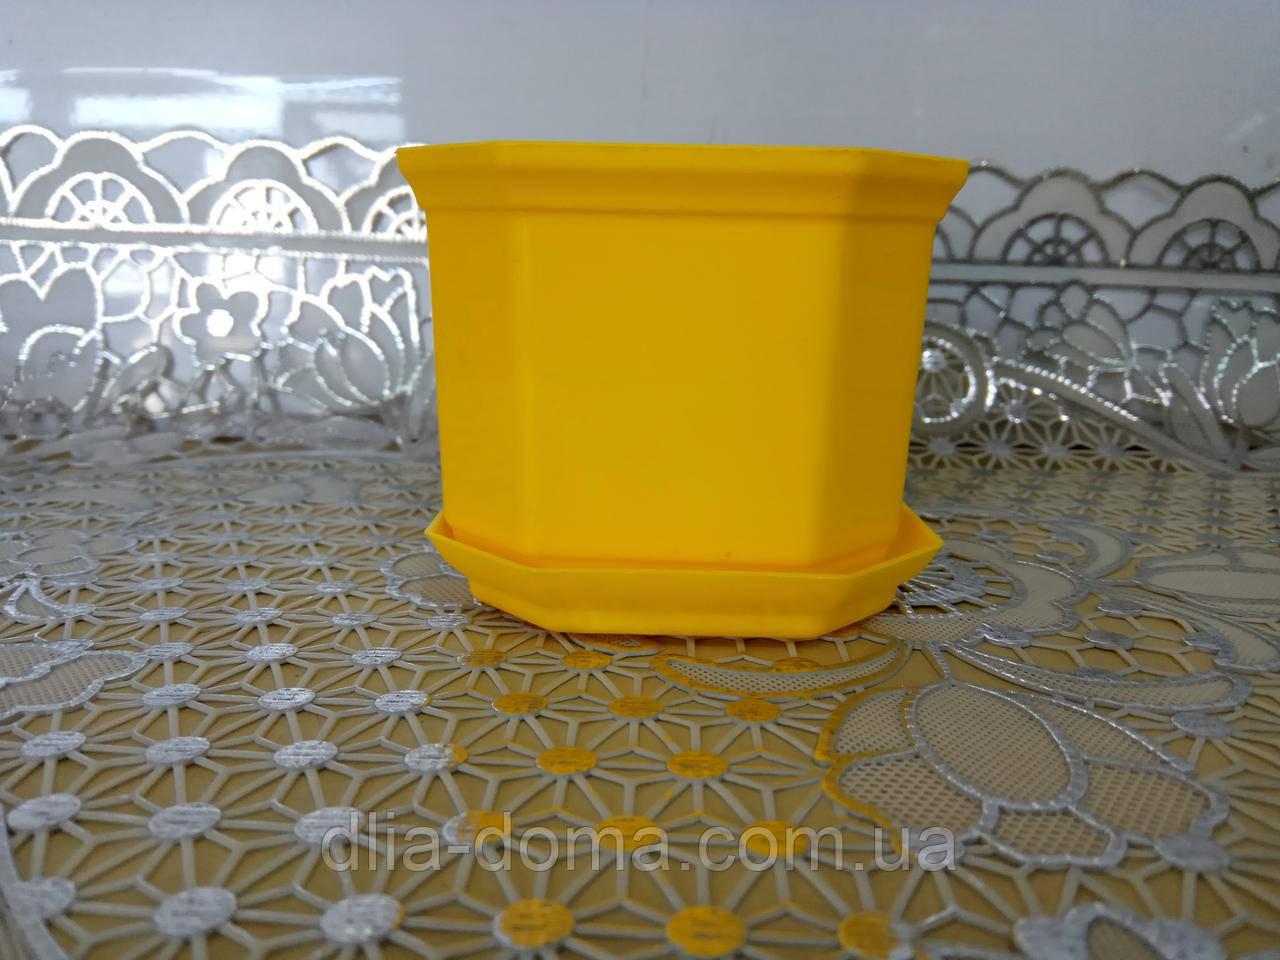 Кашпо Дама 8 жовта